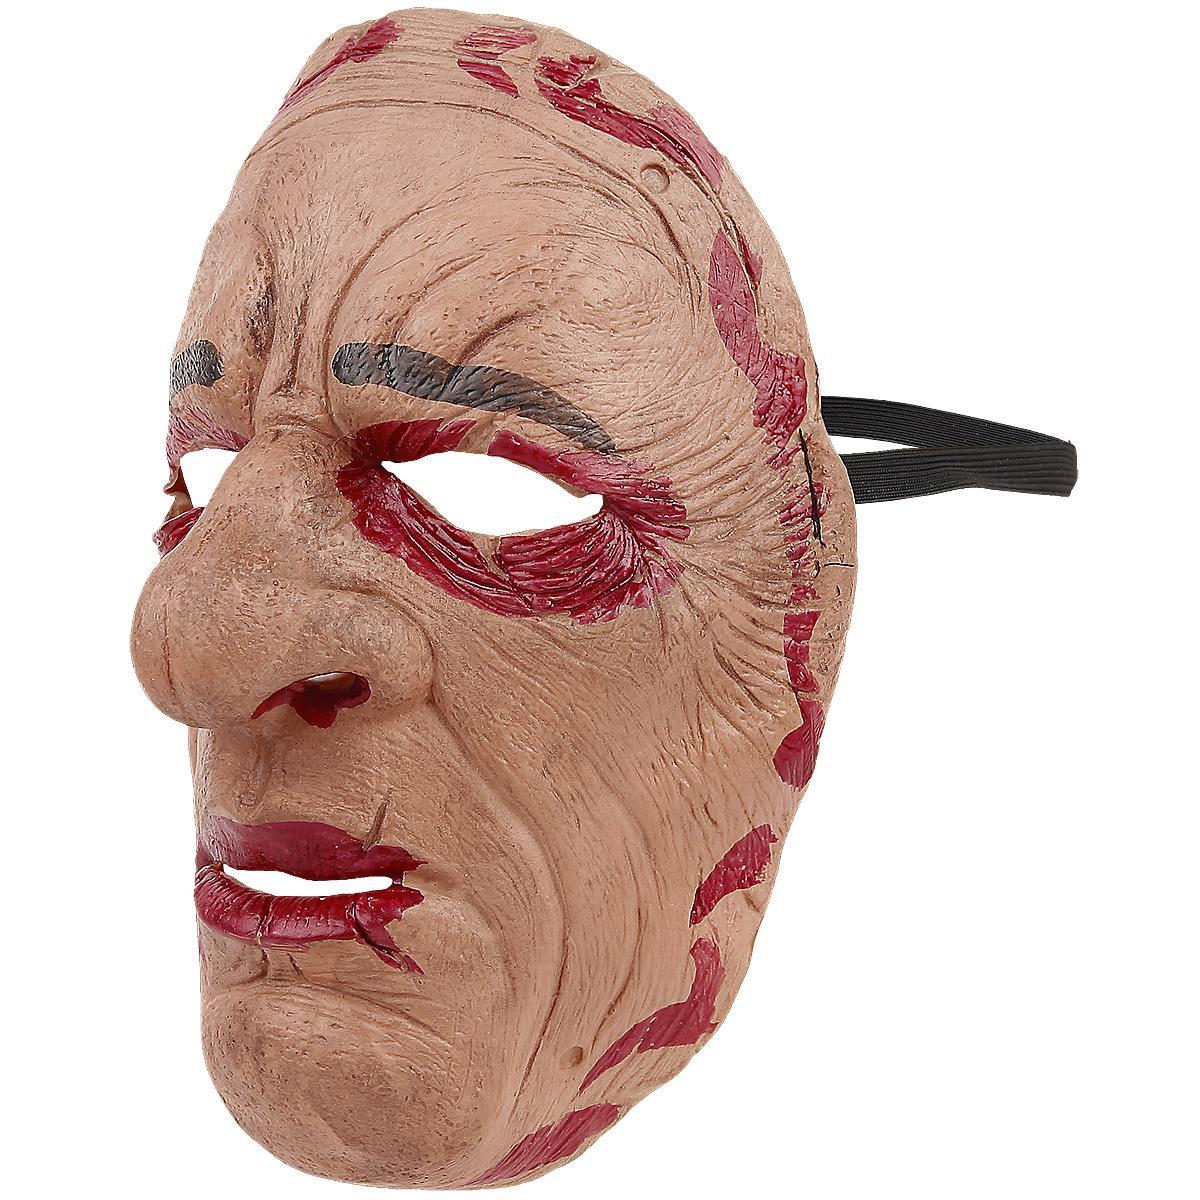 """[emp.de] """"grimmiges Gesicht"""" Maske für 2,99€ inkl Versand"""